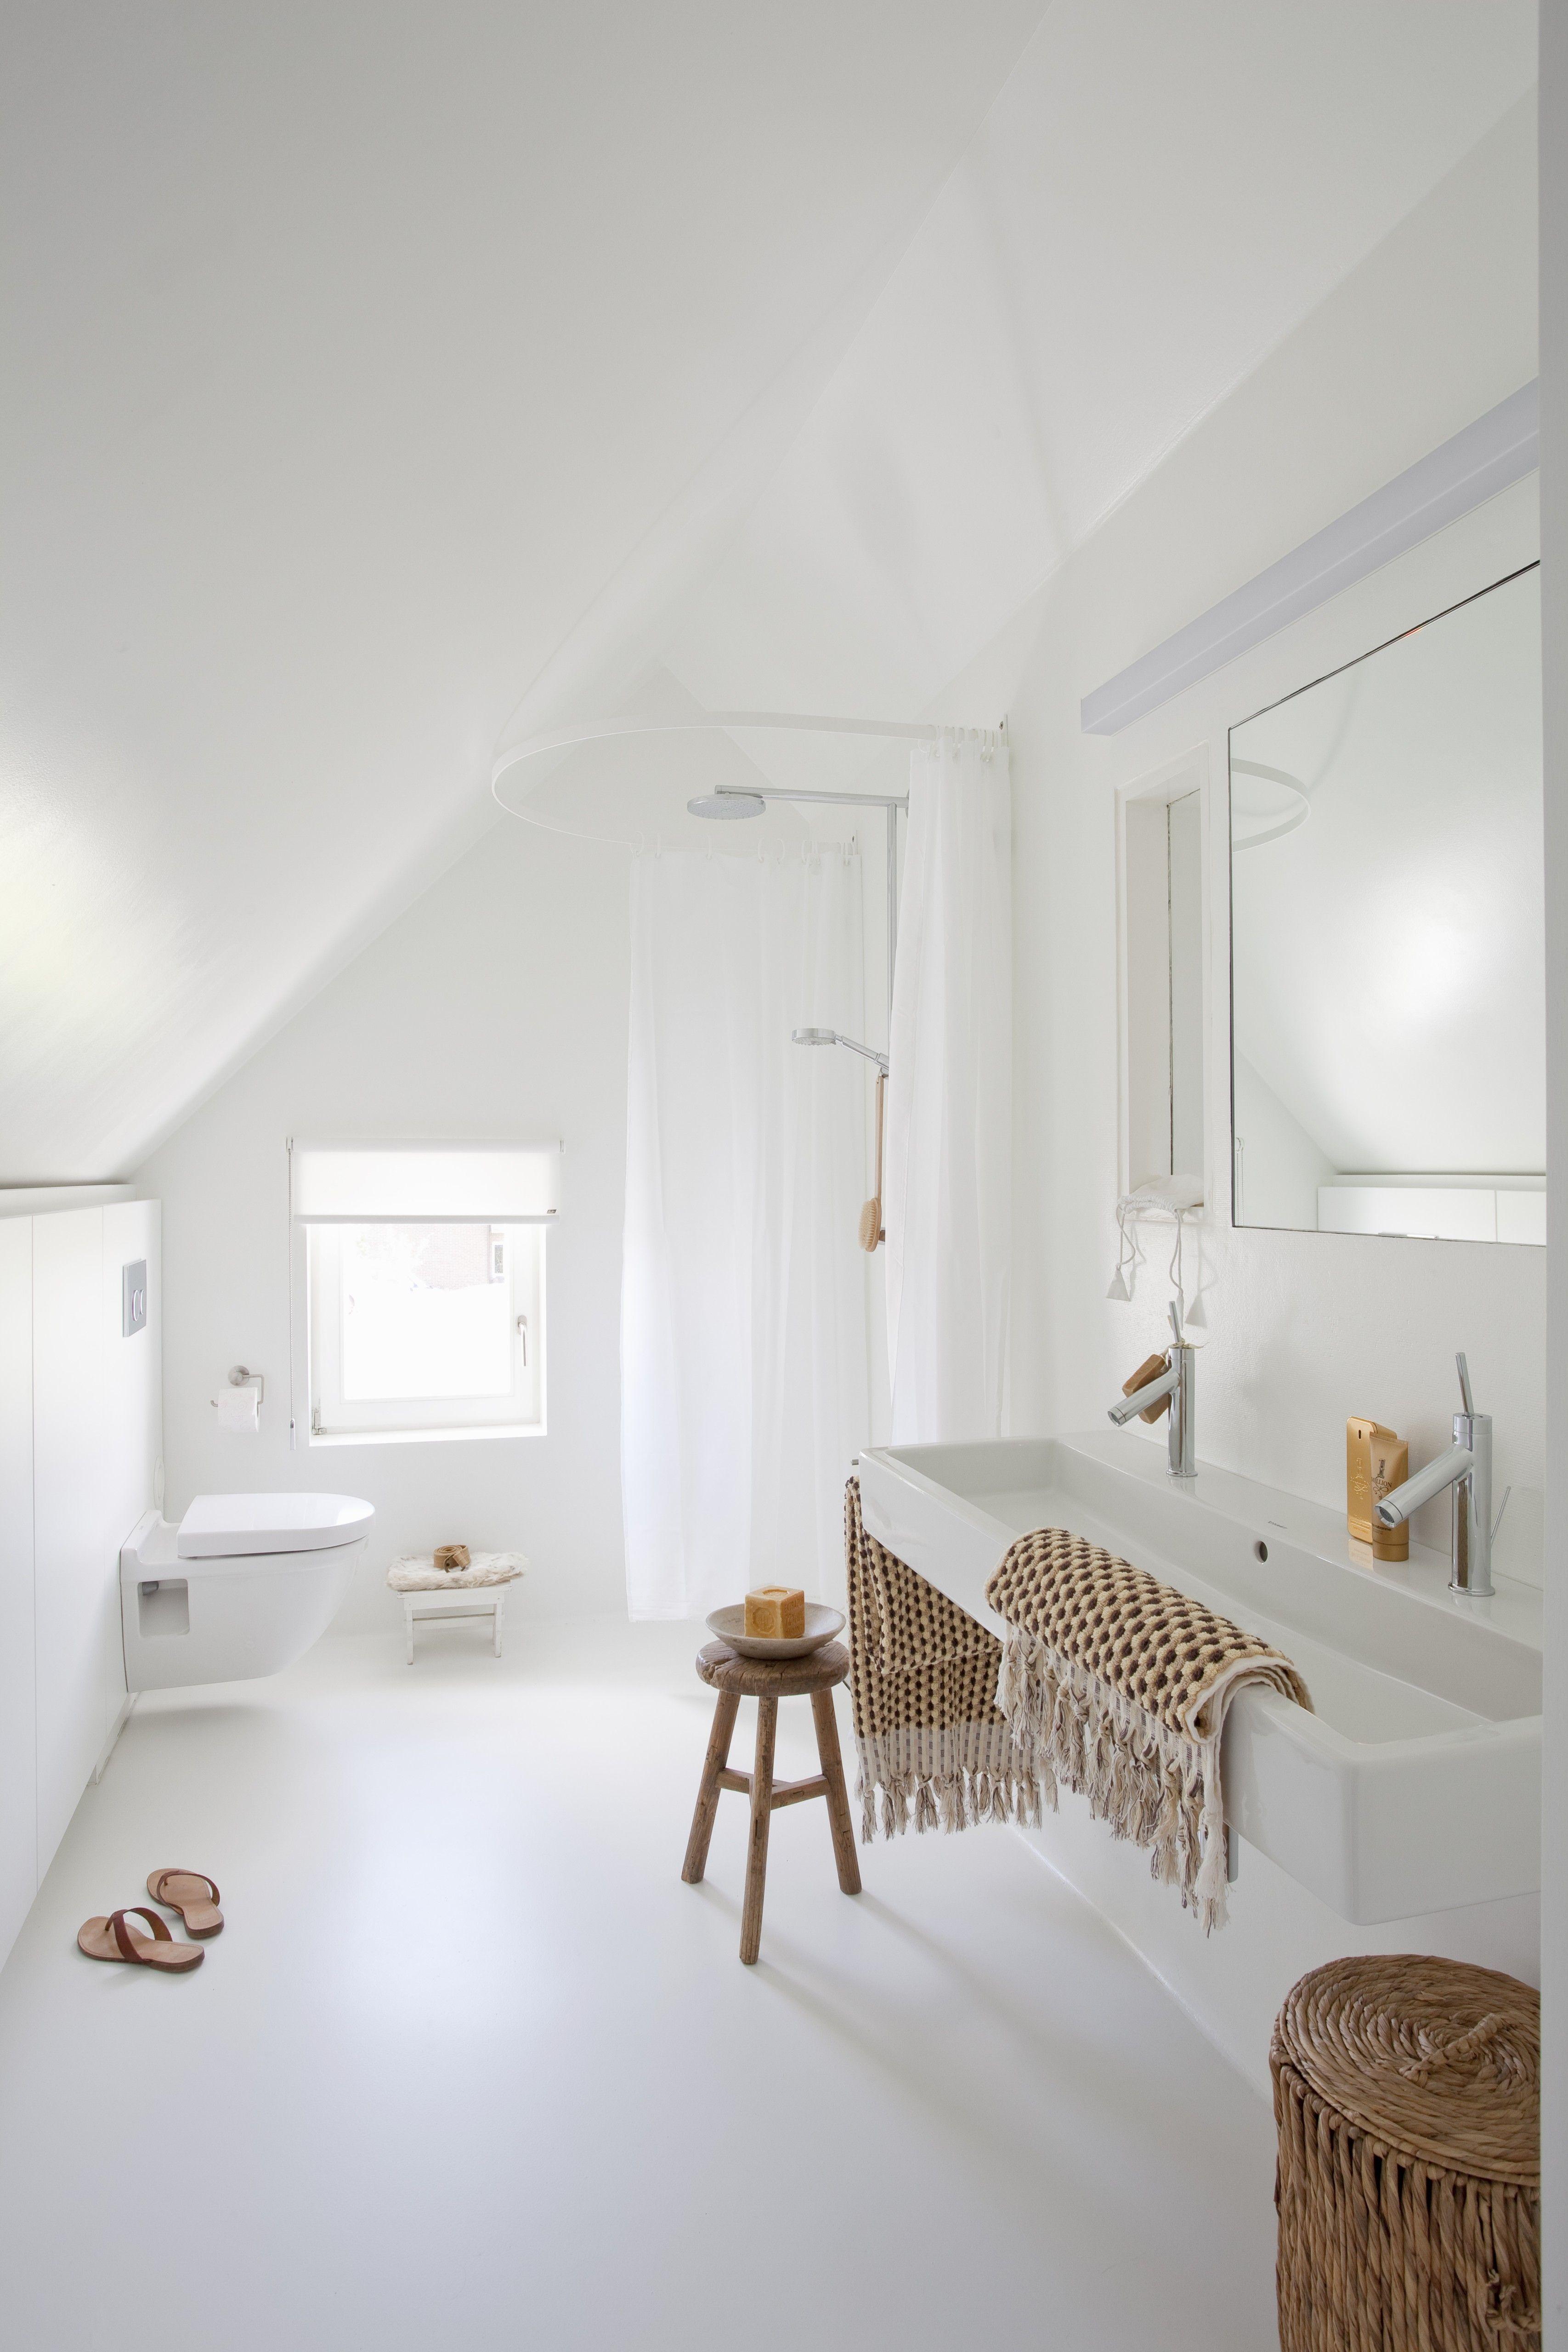 Kleines Badezimmer Einrichten Wohnung Schlafzimmer Dekoration Dekor Badezimmer